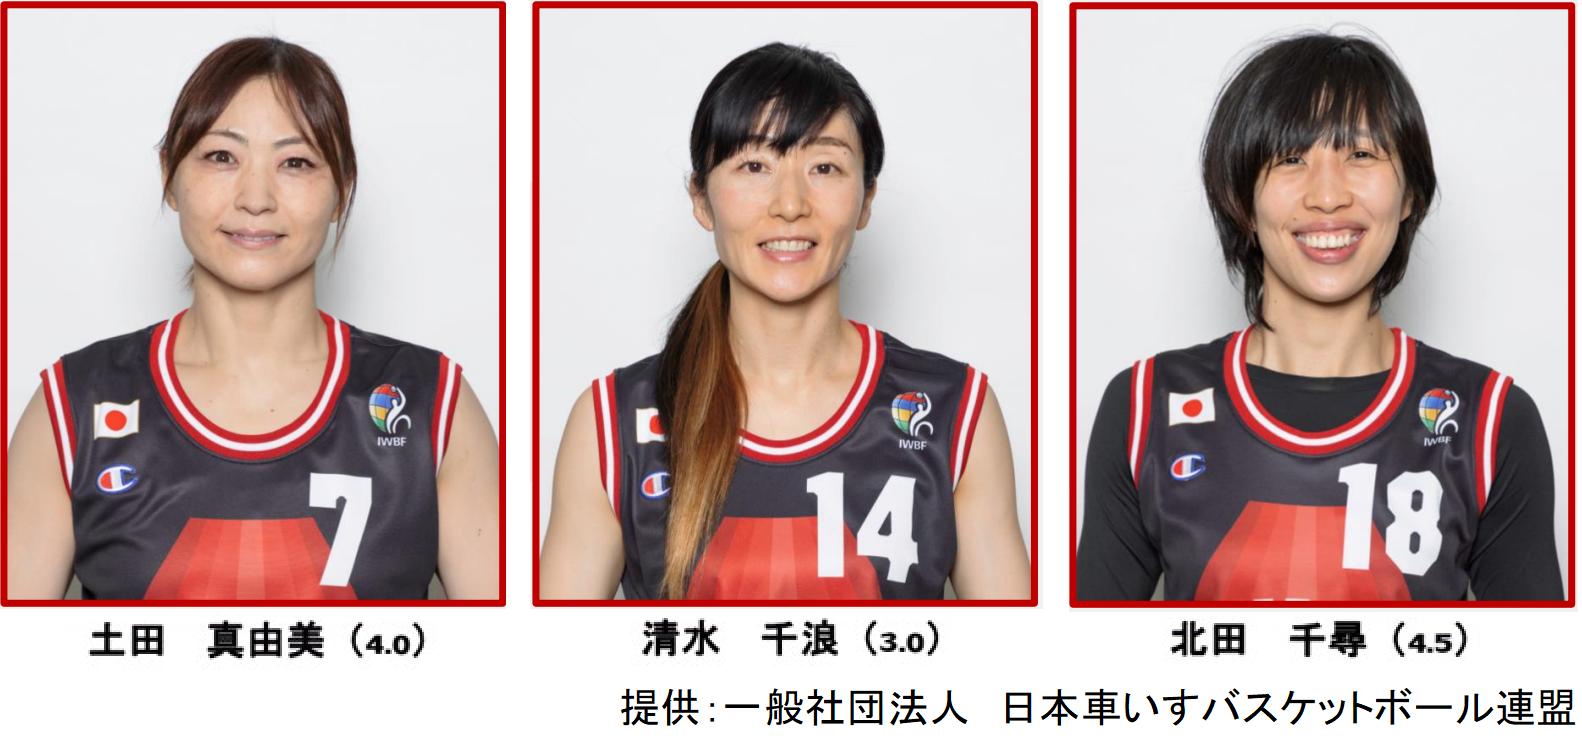 【車いすバスケットボール競技】東京2020パラリンピックに滋賀県ゆかりの3選手が選出!!